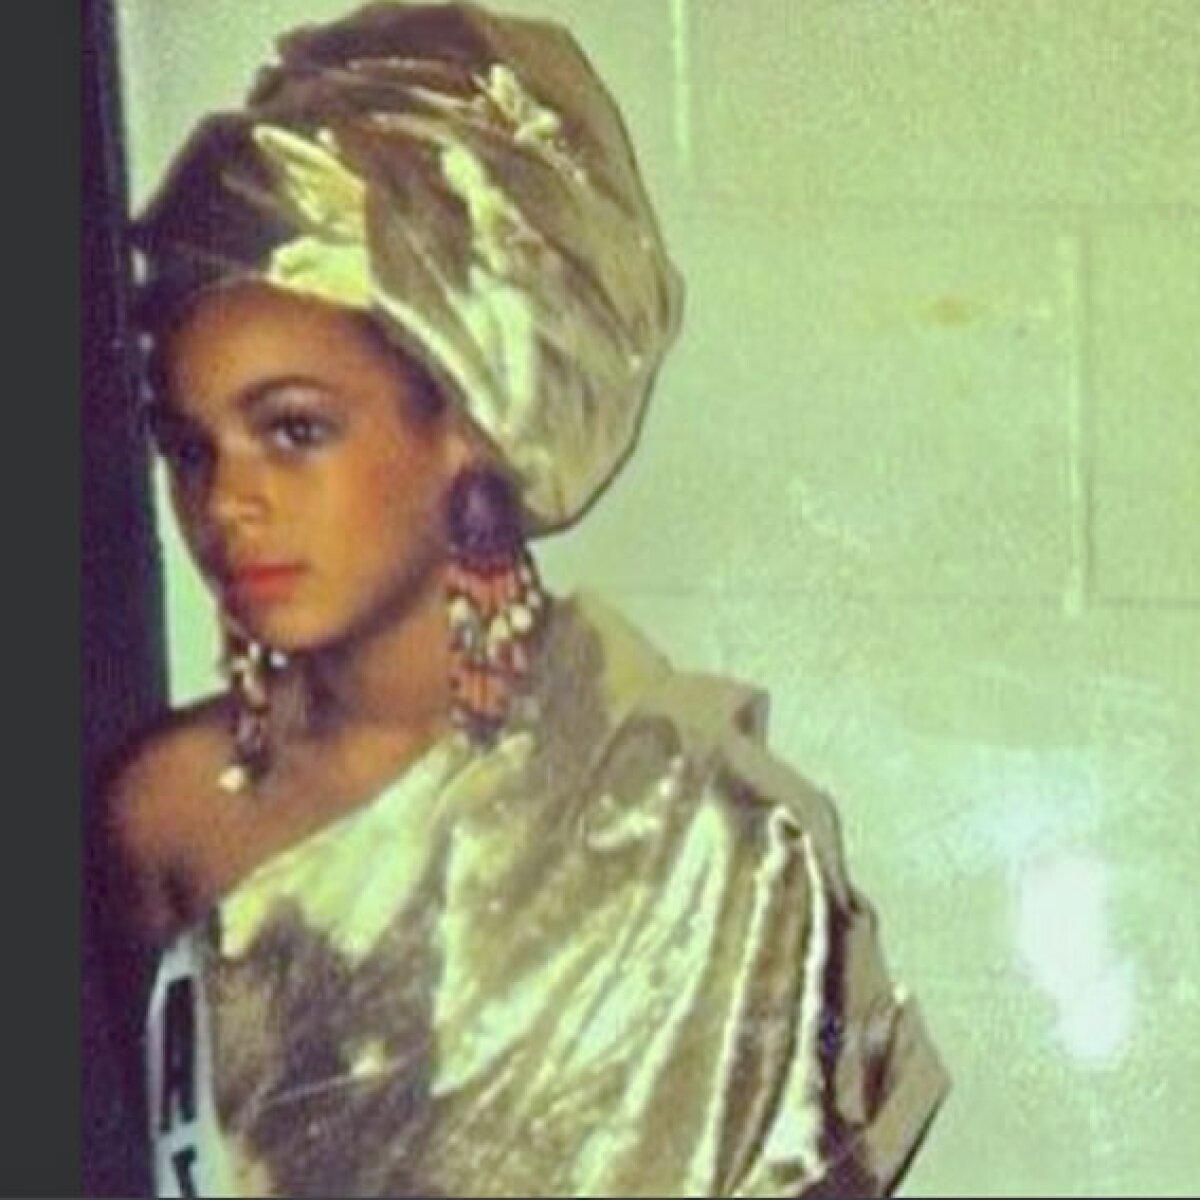 En 32 fotos, lo que Beyoncé nos deja ver de su vida